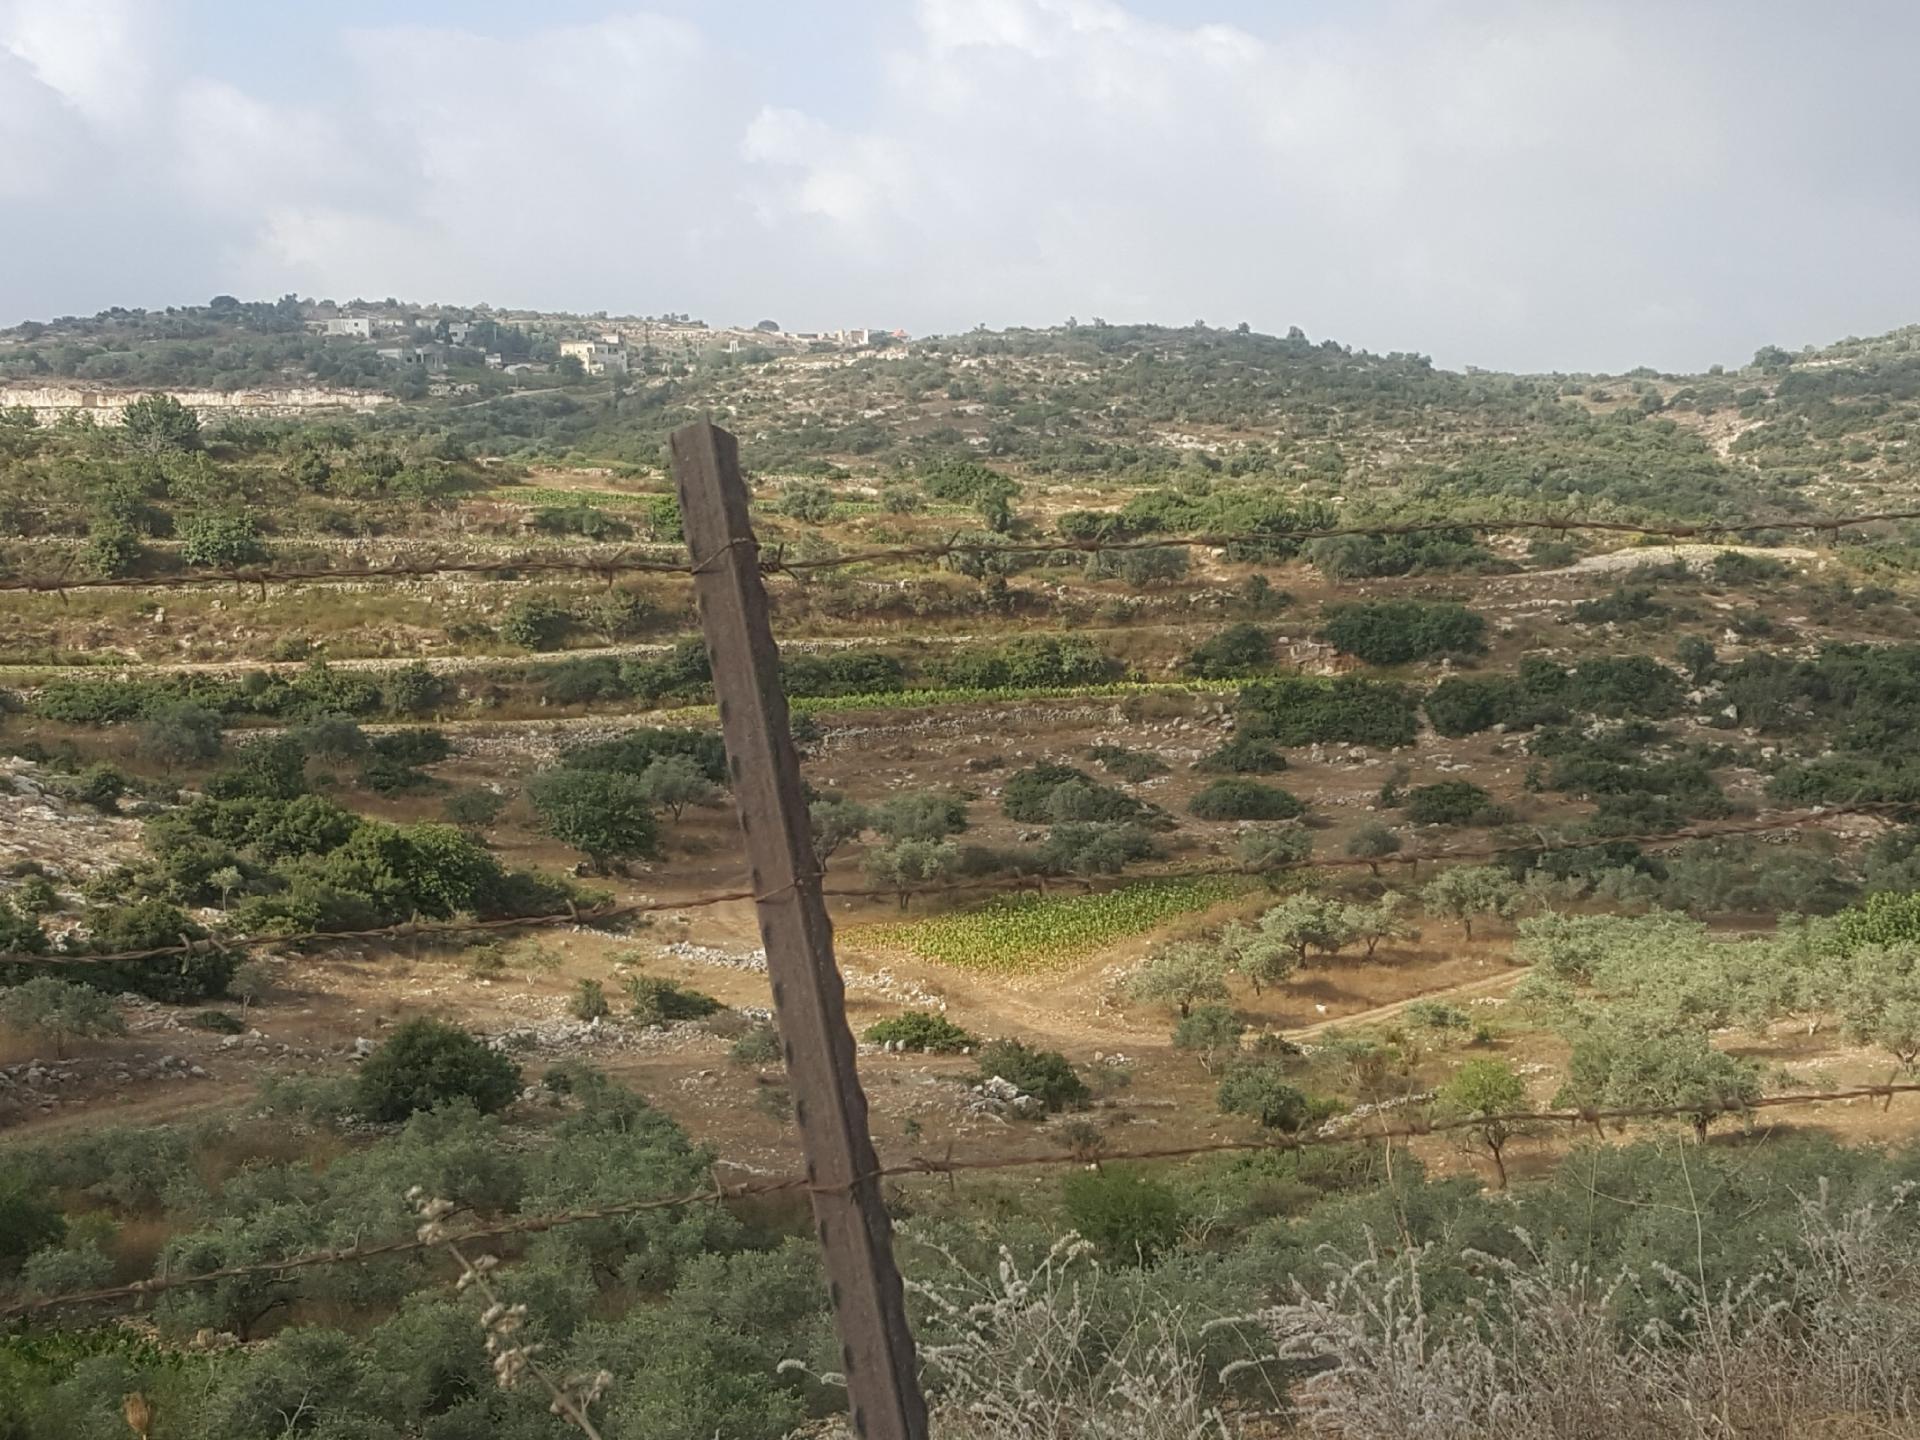 מחסום ברטעה: הנוף הנשקף מעבר לגדרות התיל ולכיבוש